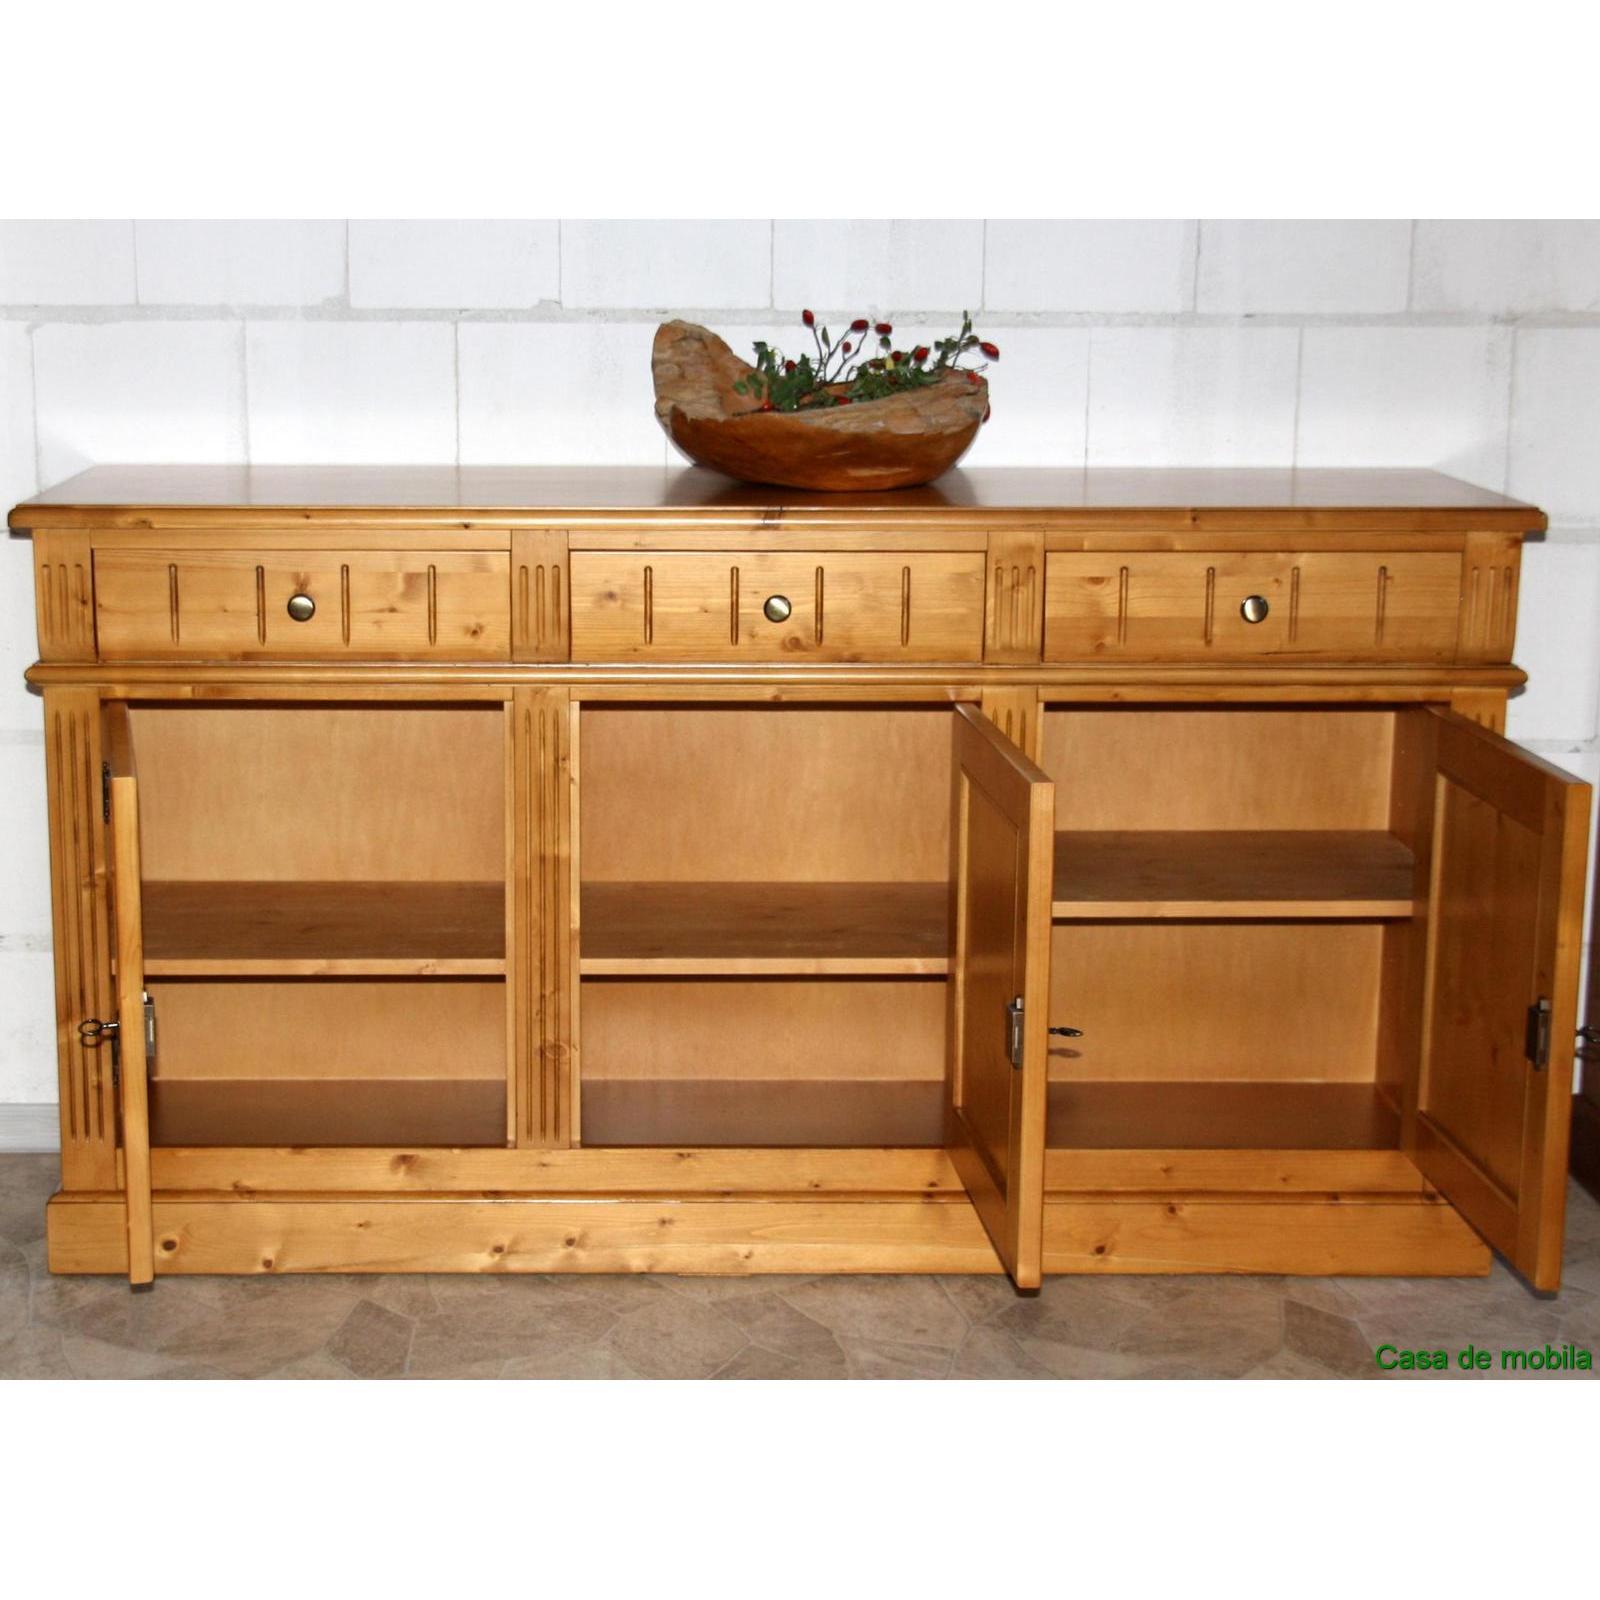 massivholz sideboard anrichte holz fichte massiv honig kommode 3 t rig cortina ebay. Black Bedroom Furniture Sets. Home Design Ideas